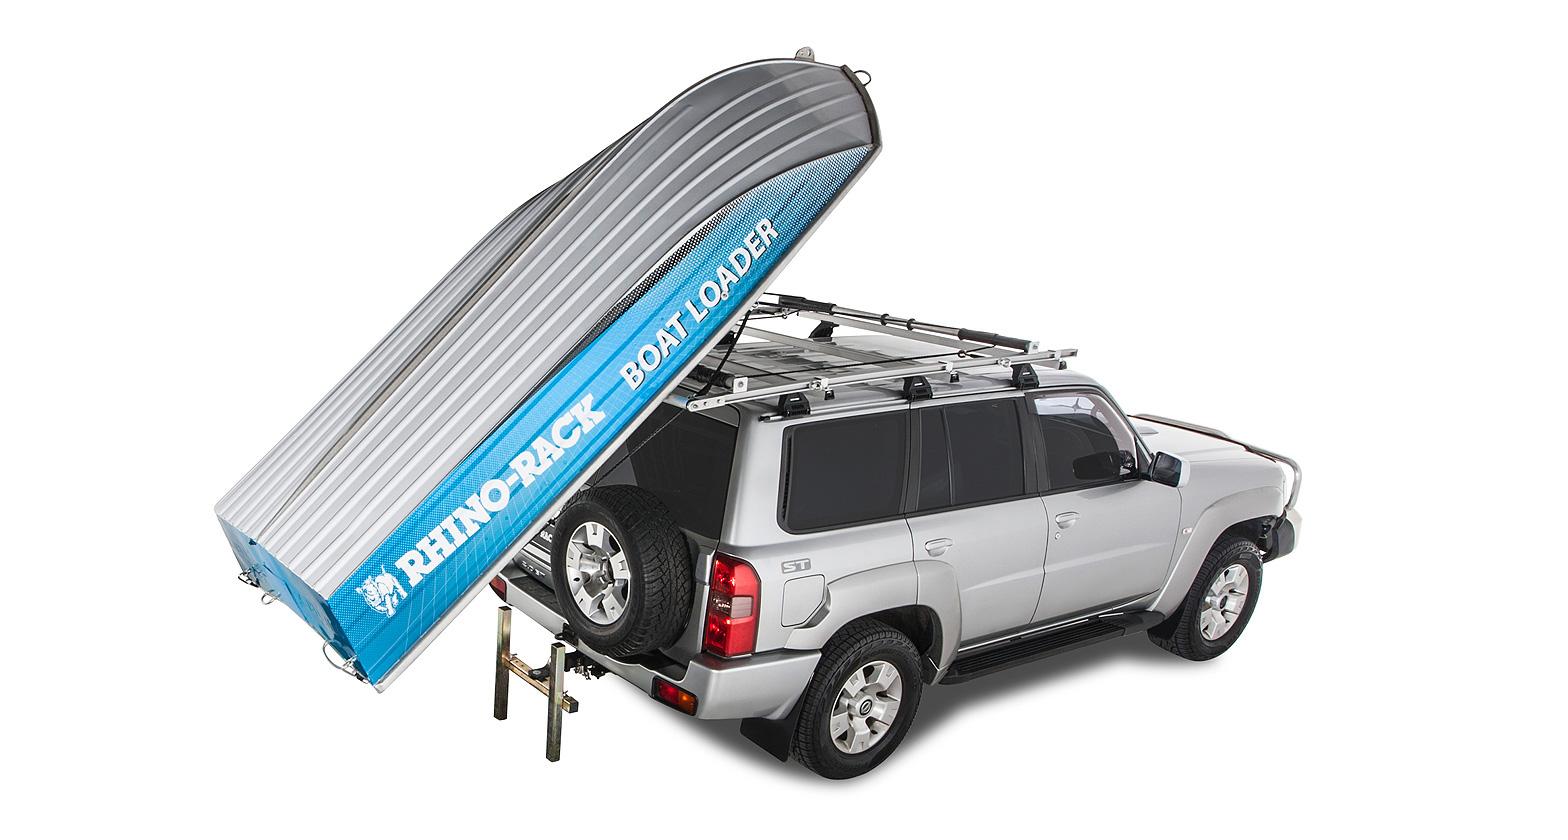 Rblw Rear Boat Loader Rhino Rack